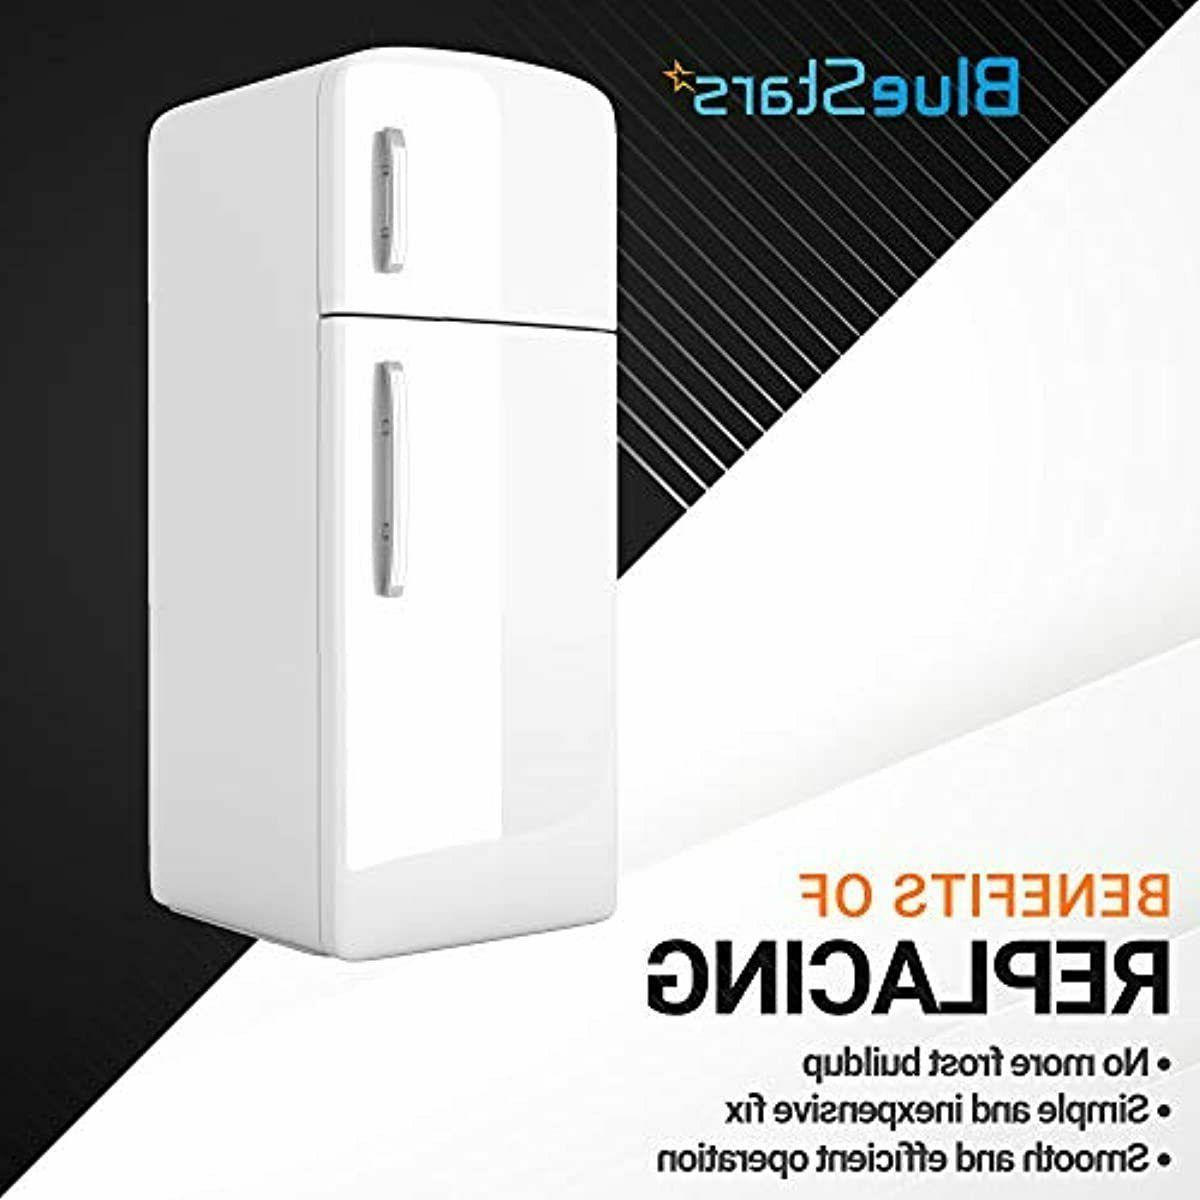 BlueStars Freezer Door Key Replacement PACK 4